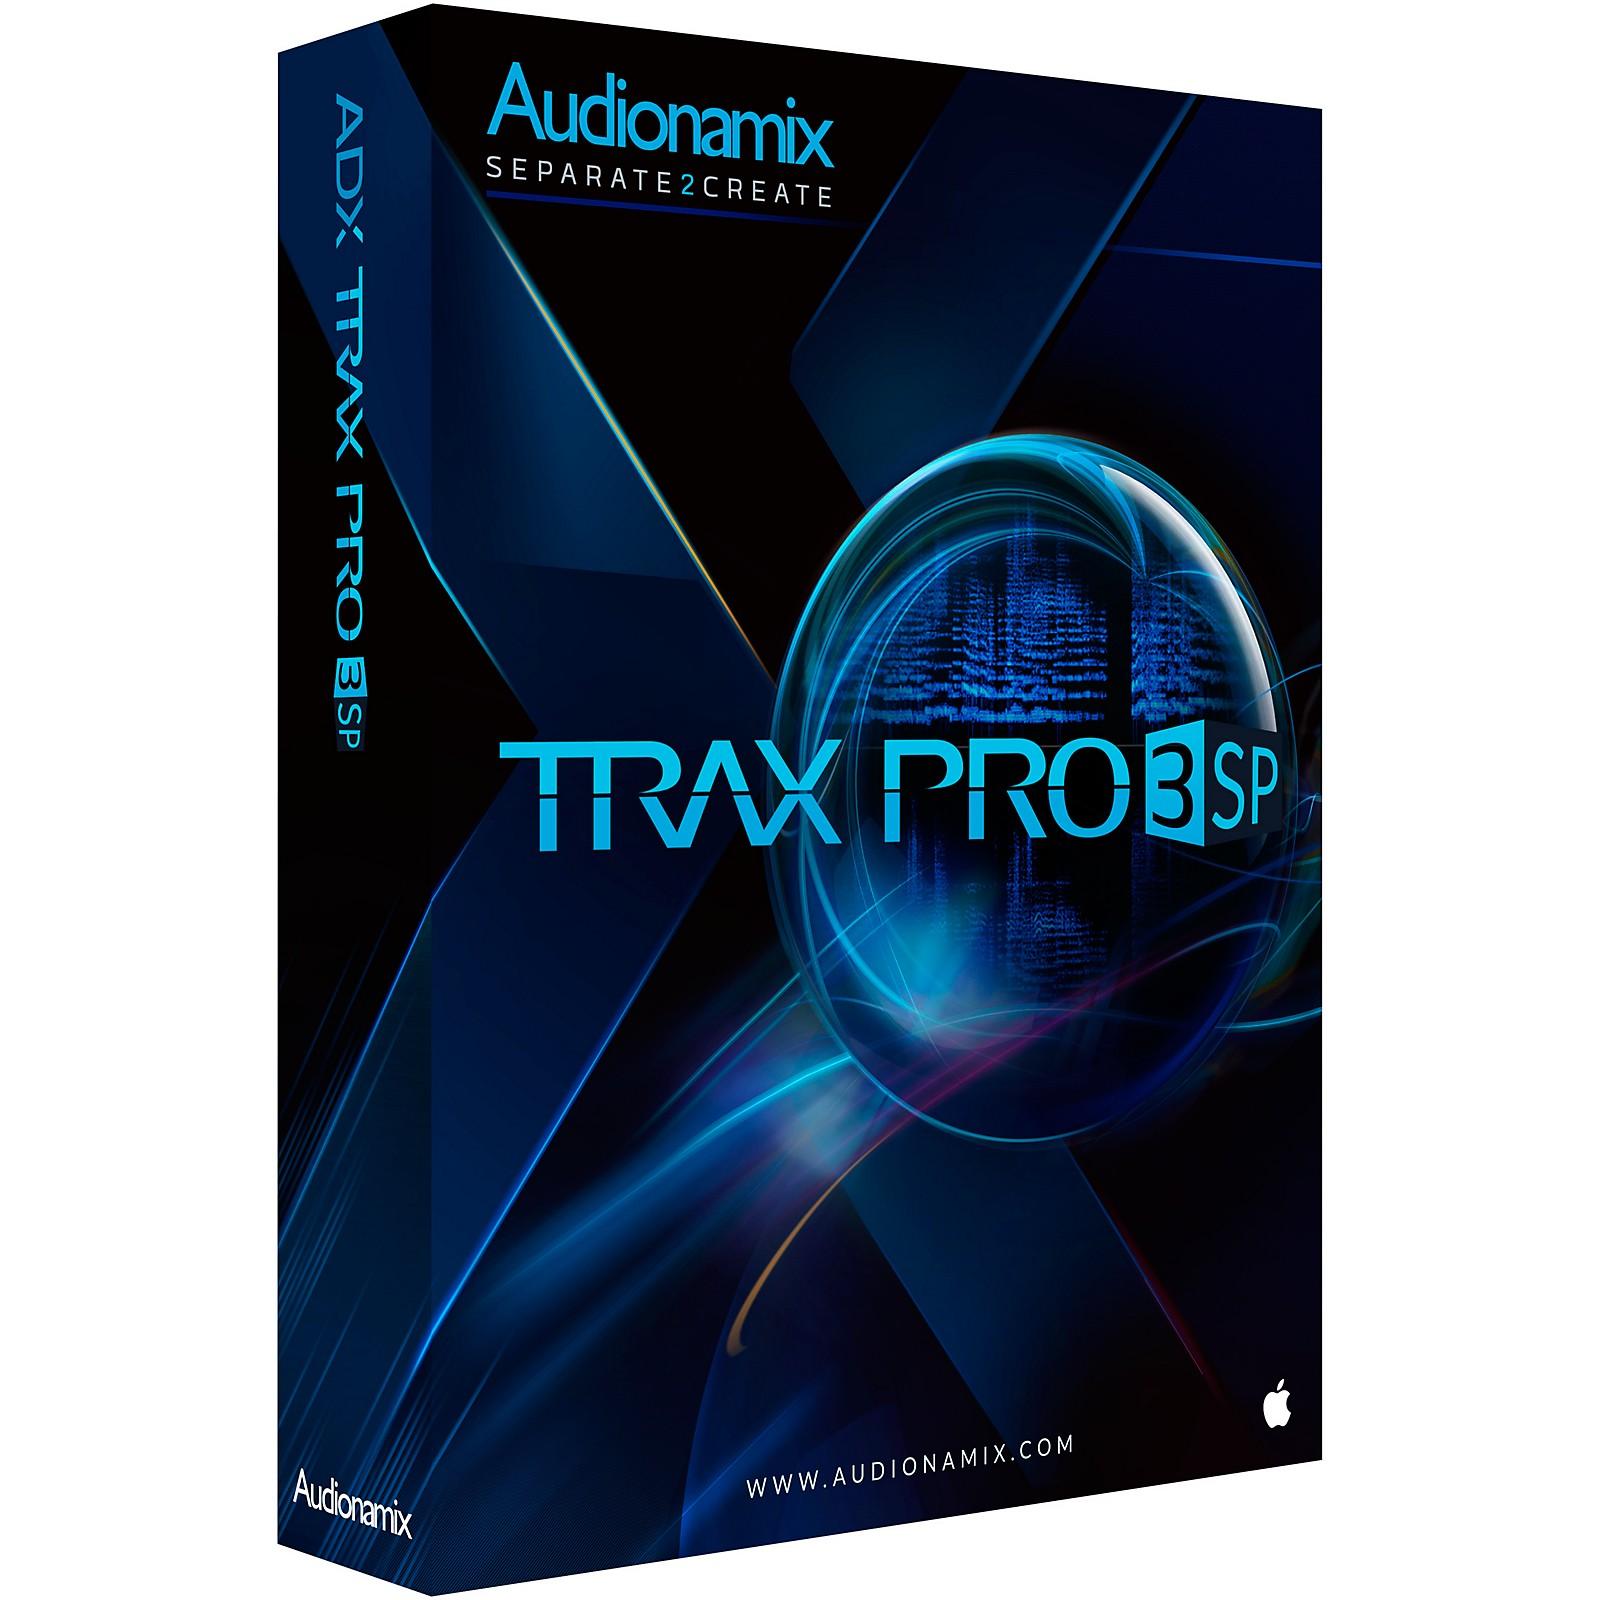 Audionamix TRAX PRO 3 SP Software Download